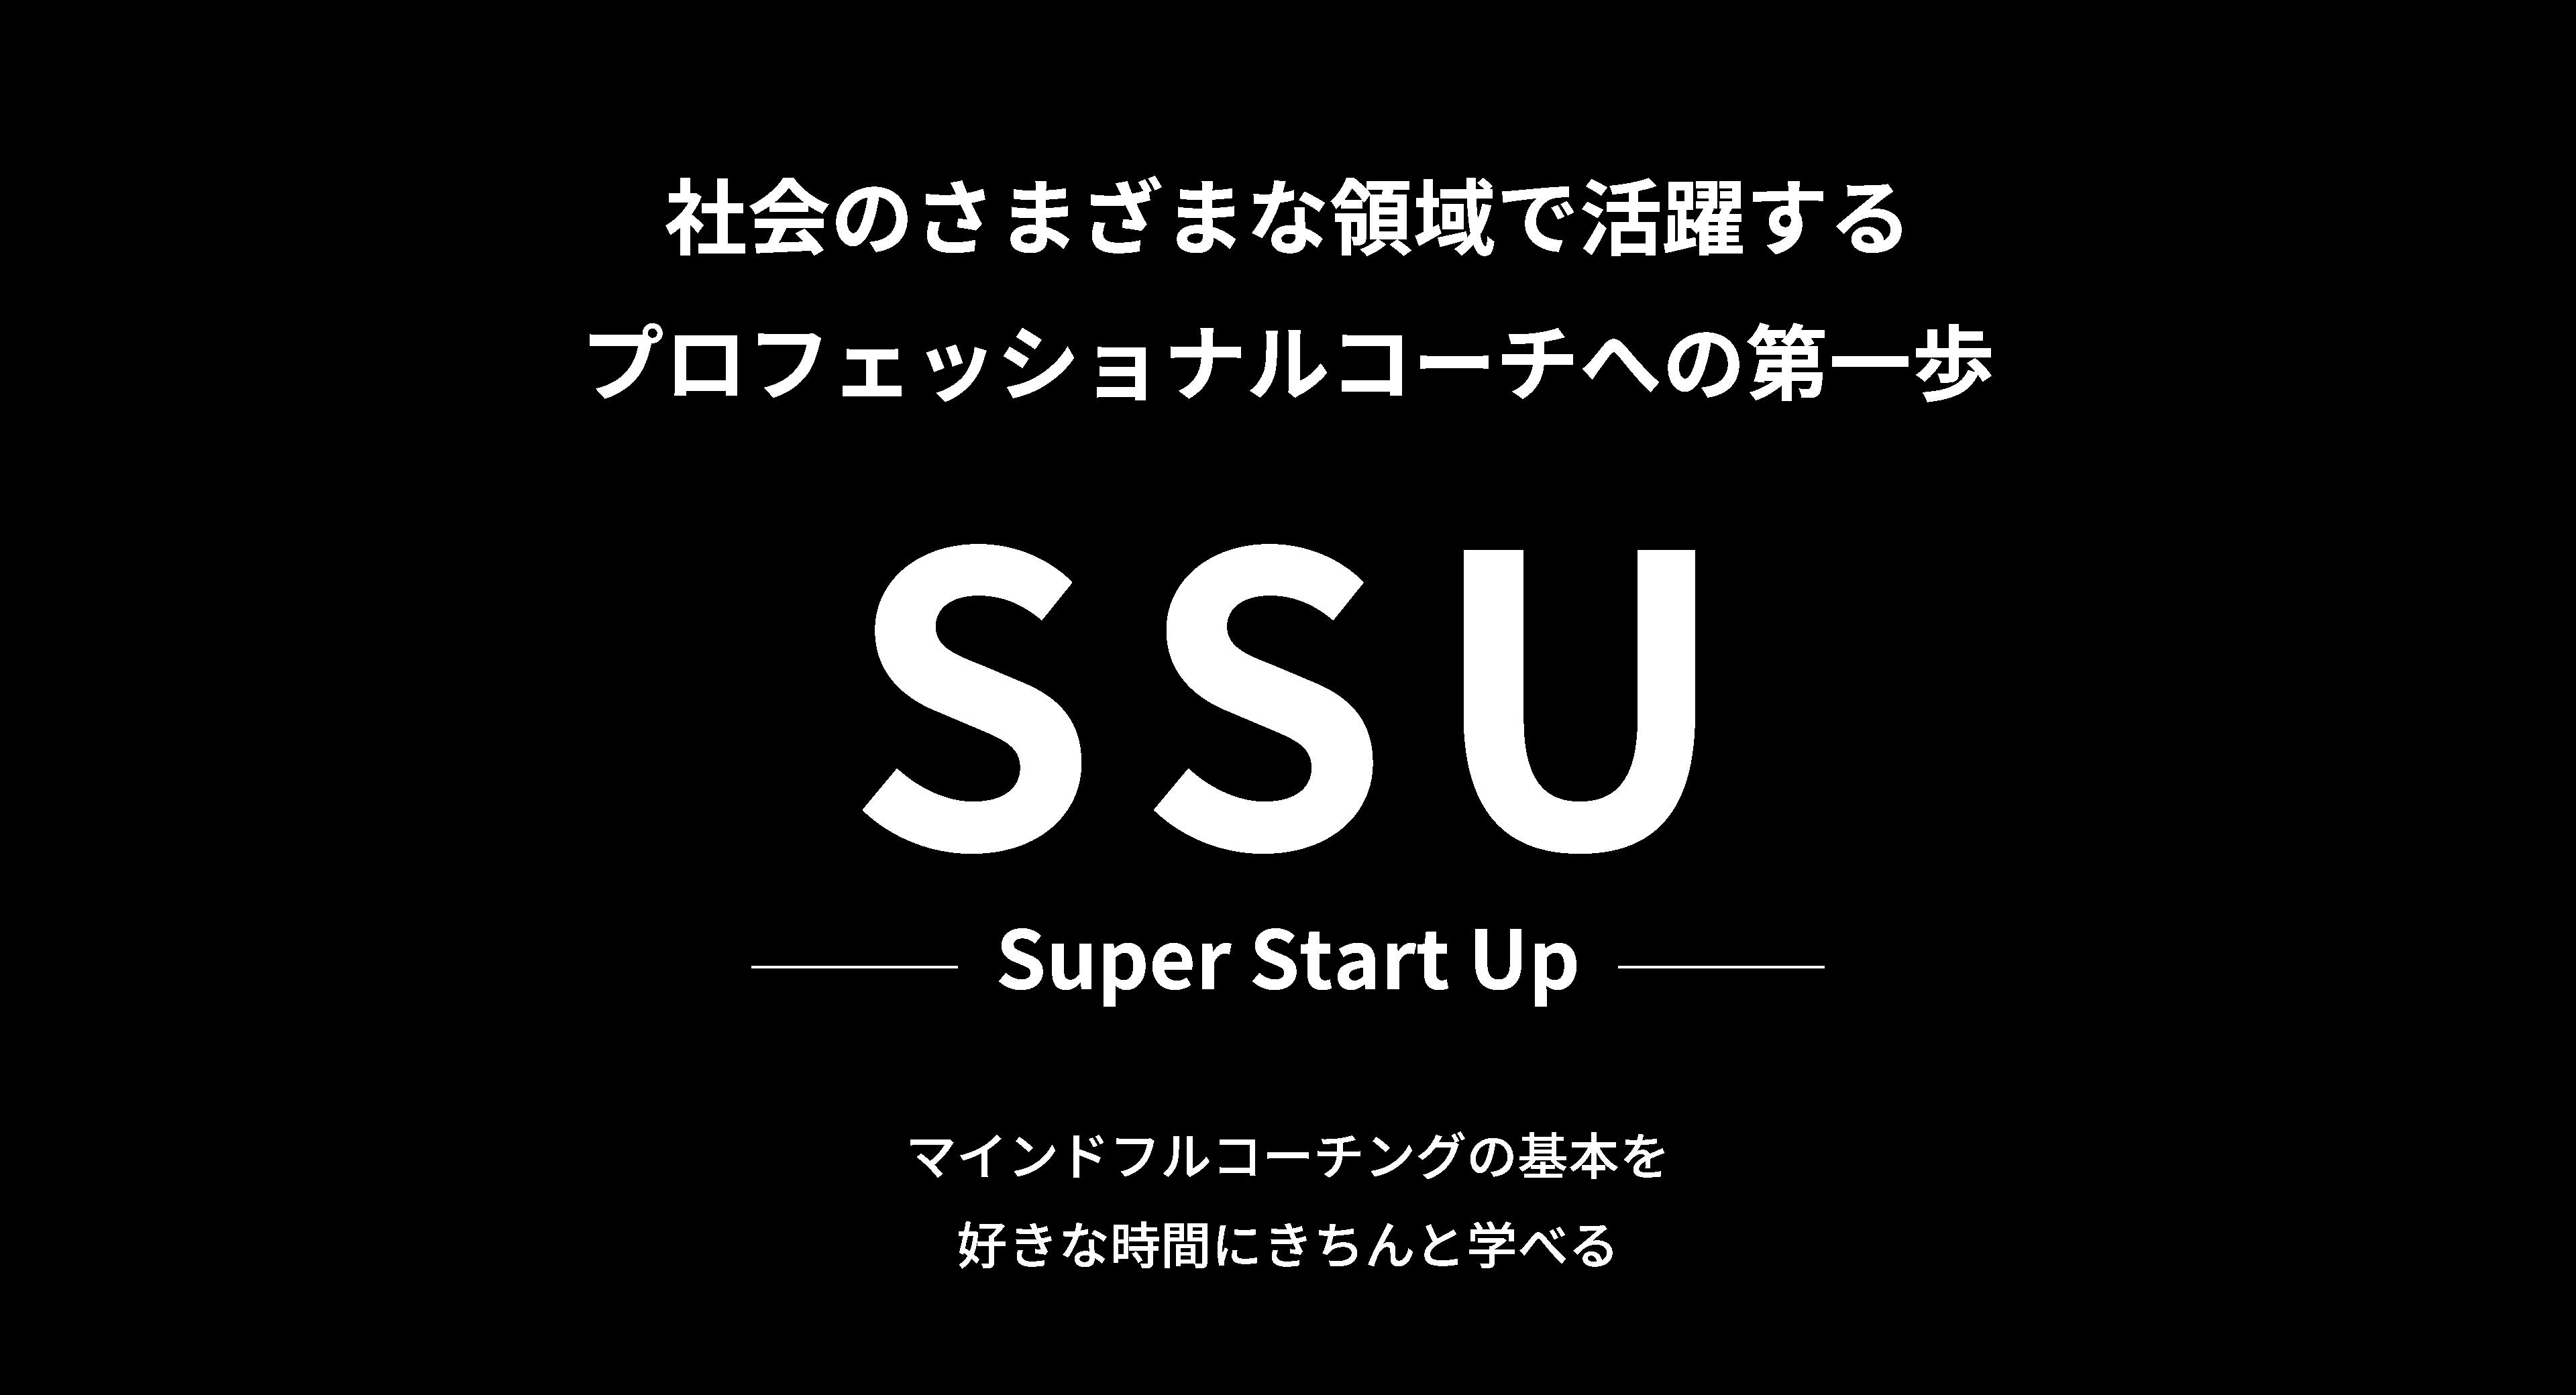 SSU -Super Start Up-